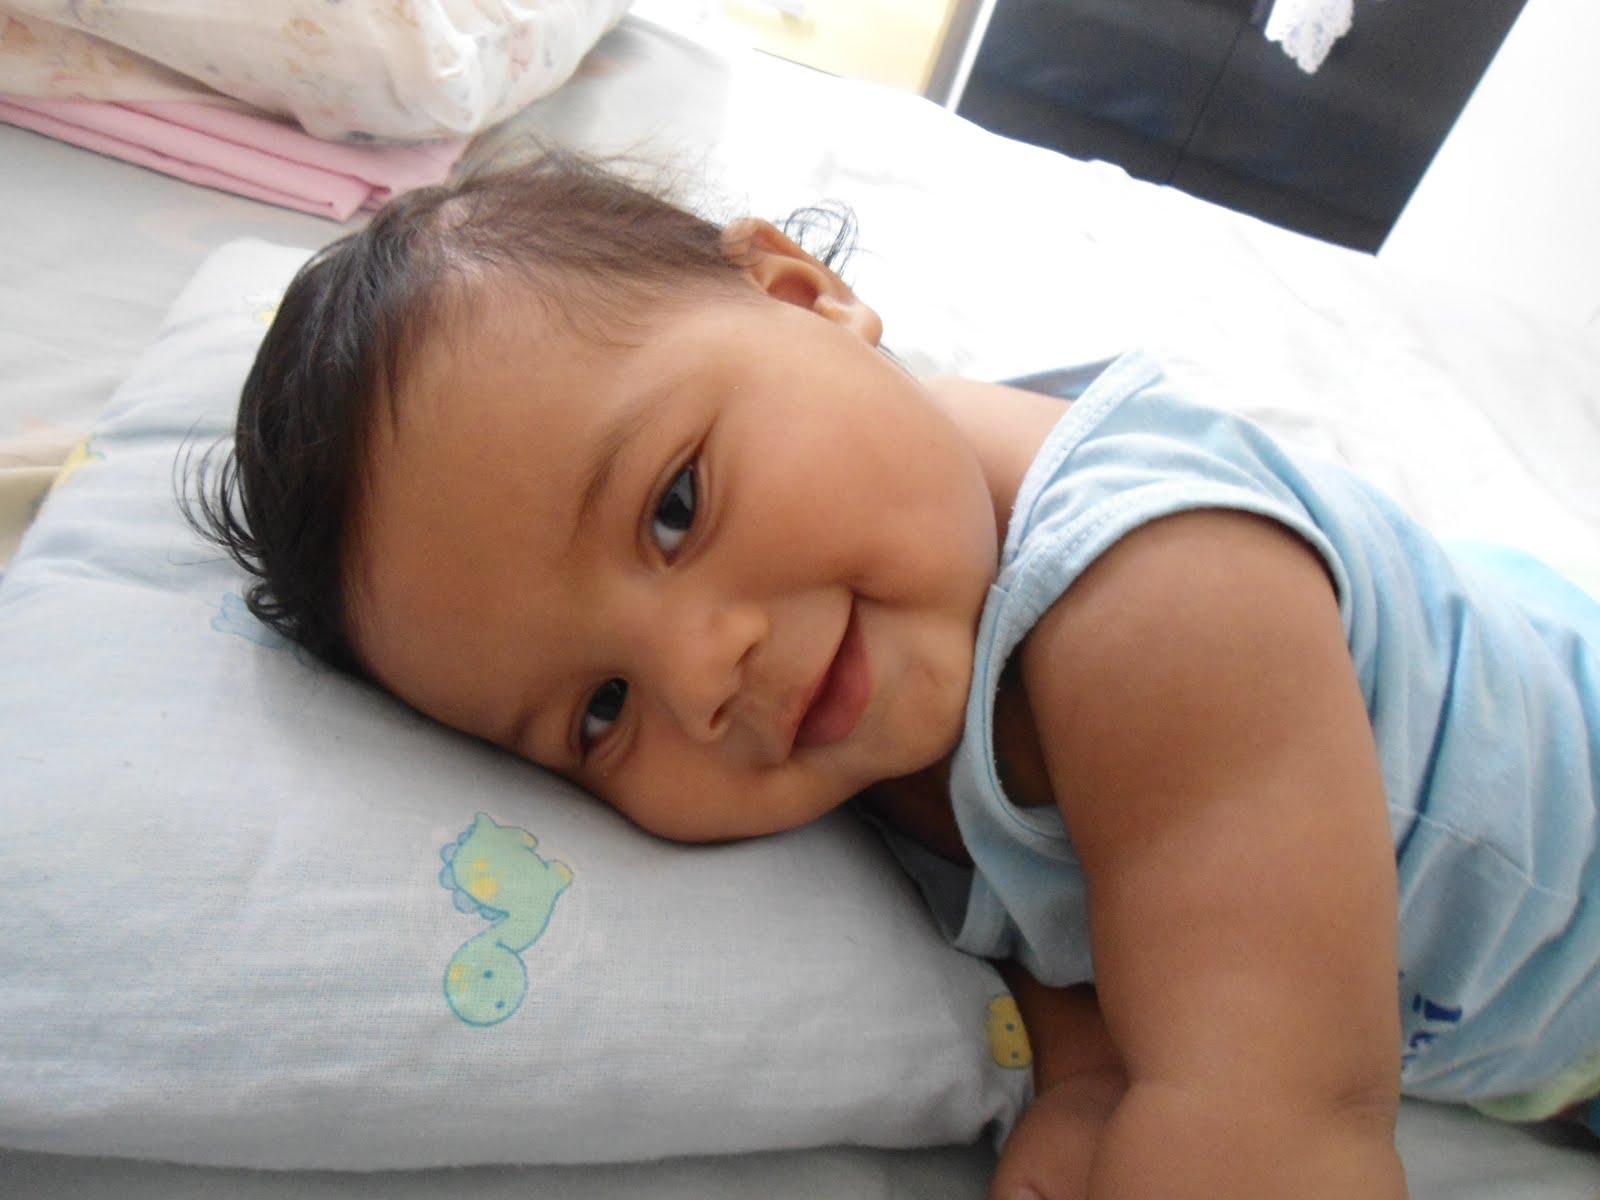 Dona ju meu beb lindo com 6 meses de vida - Bebe de 6 meses ...